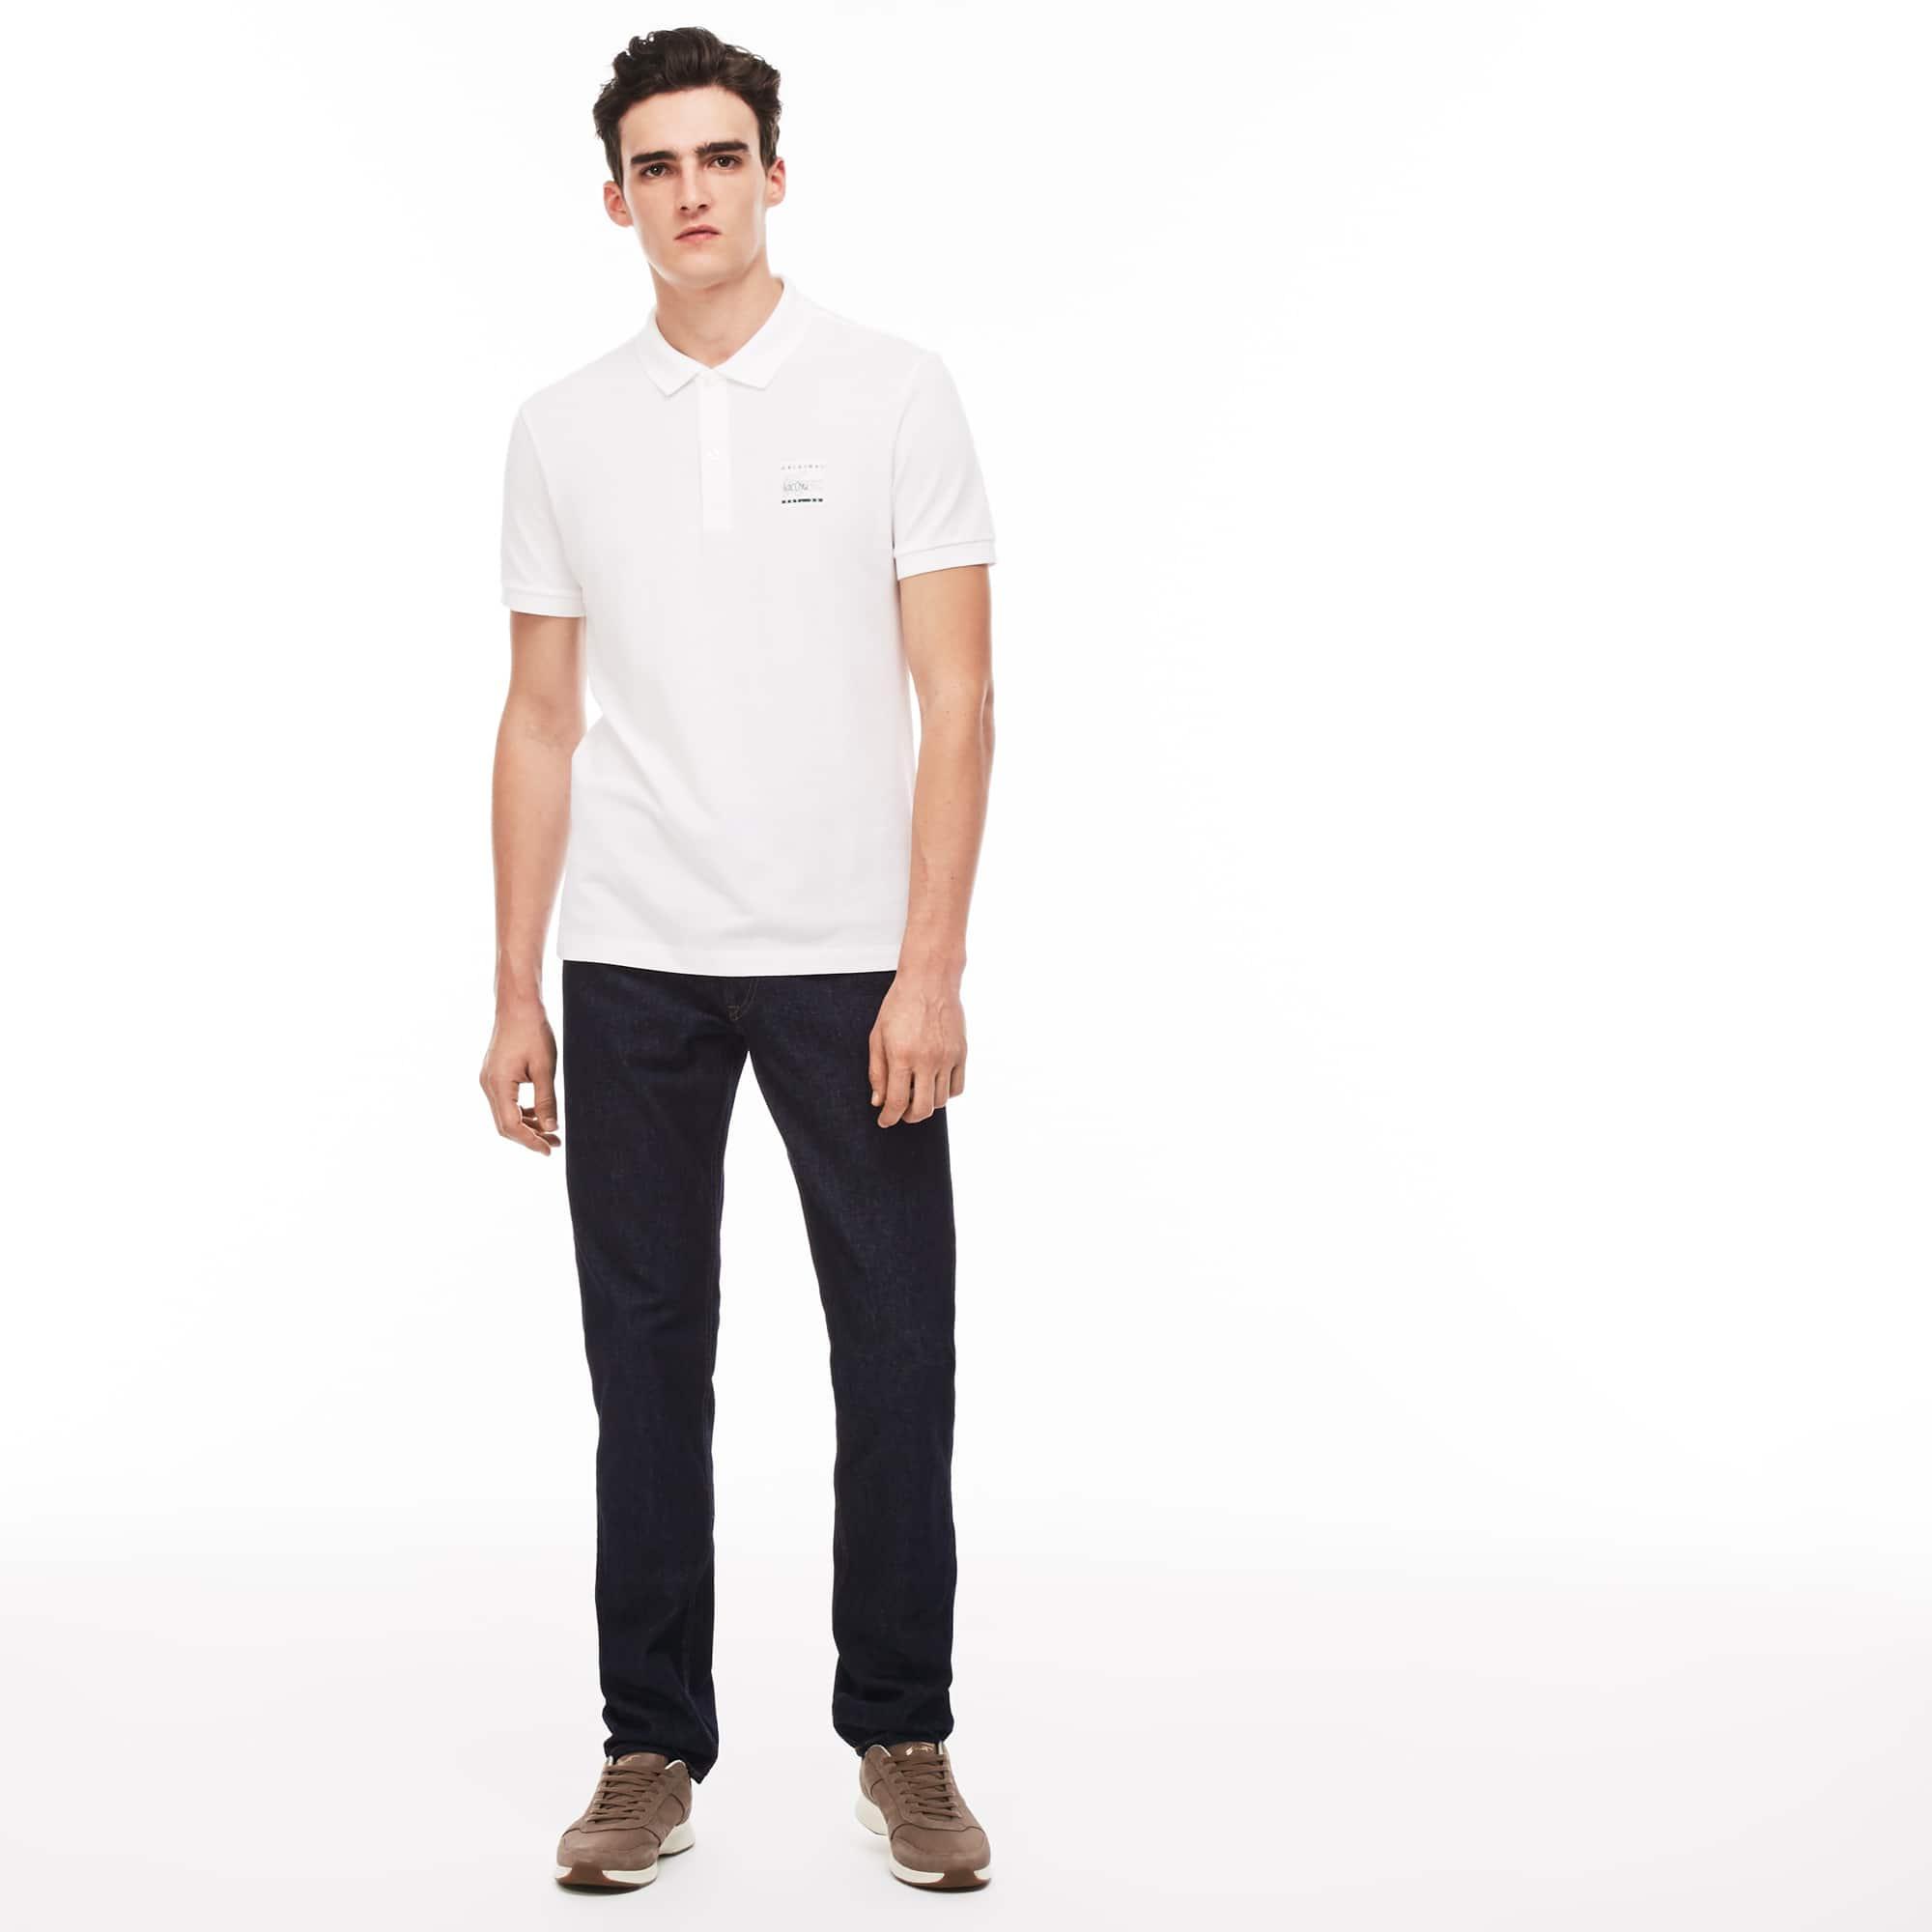 Vaquero 5 bolsillos regular fit de algodón